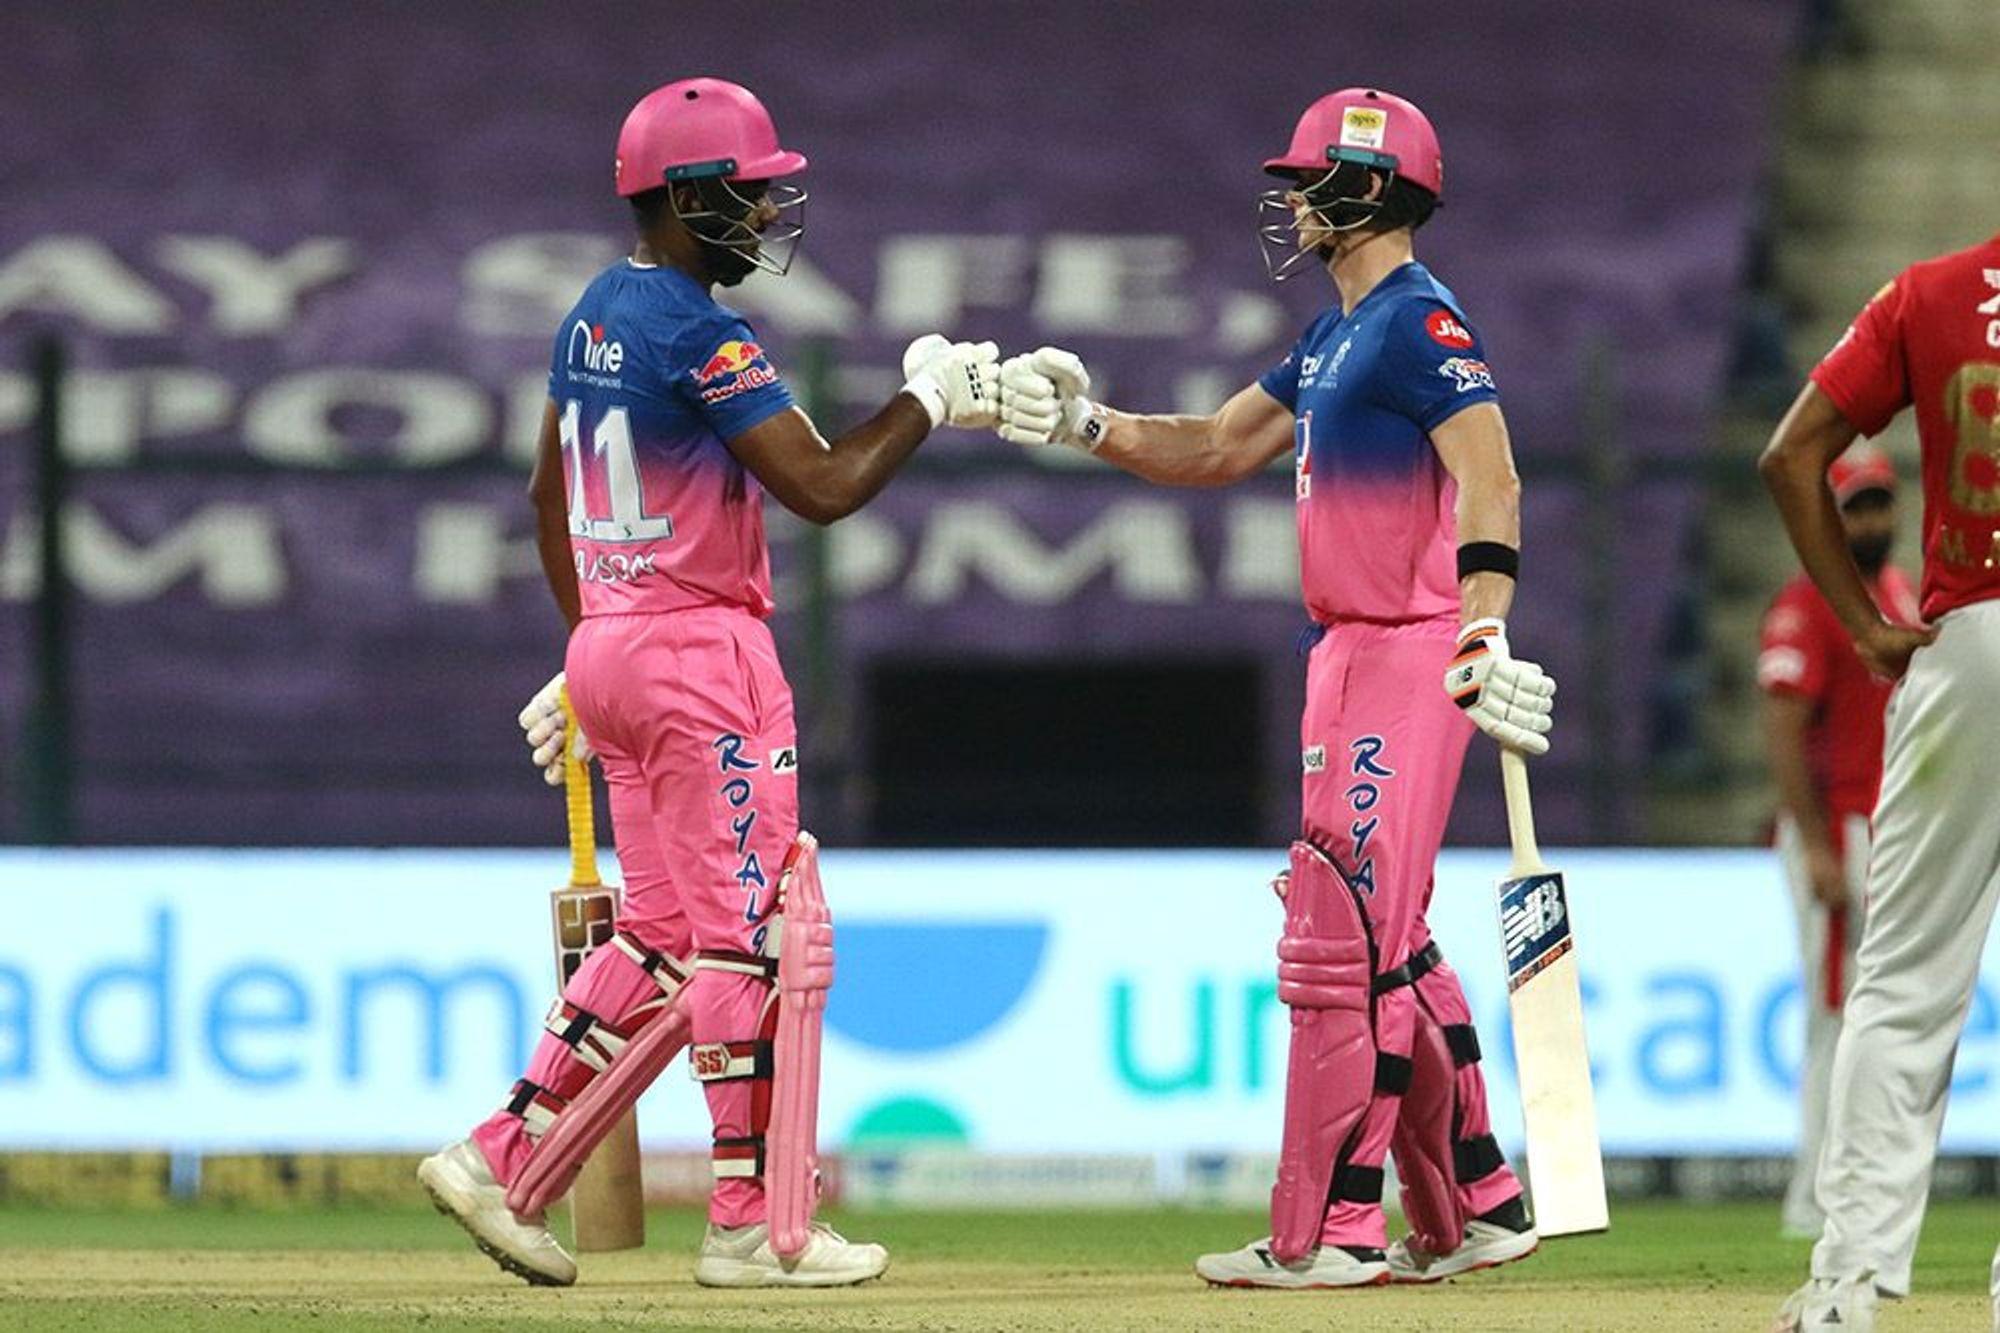 KXIPvsRR: जीत के बाद कप्तान स्टीव स्मिथ ने बताया क्यों जोस बटलर नहीं कर रहे है सलामी बल्लेबाज 2